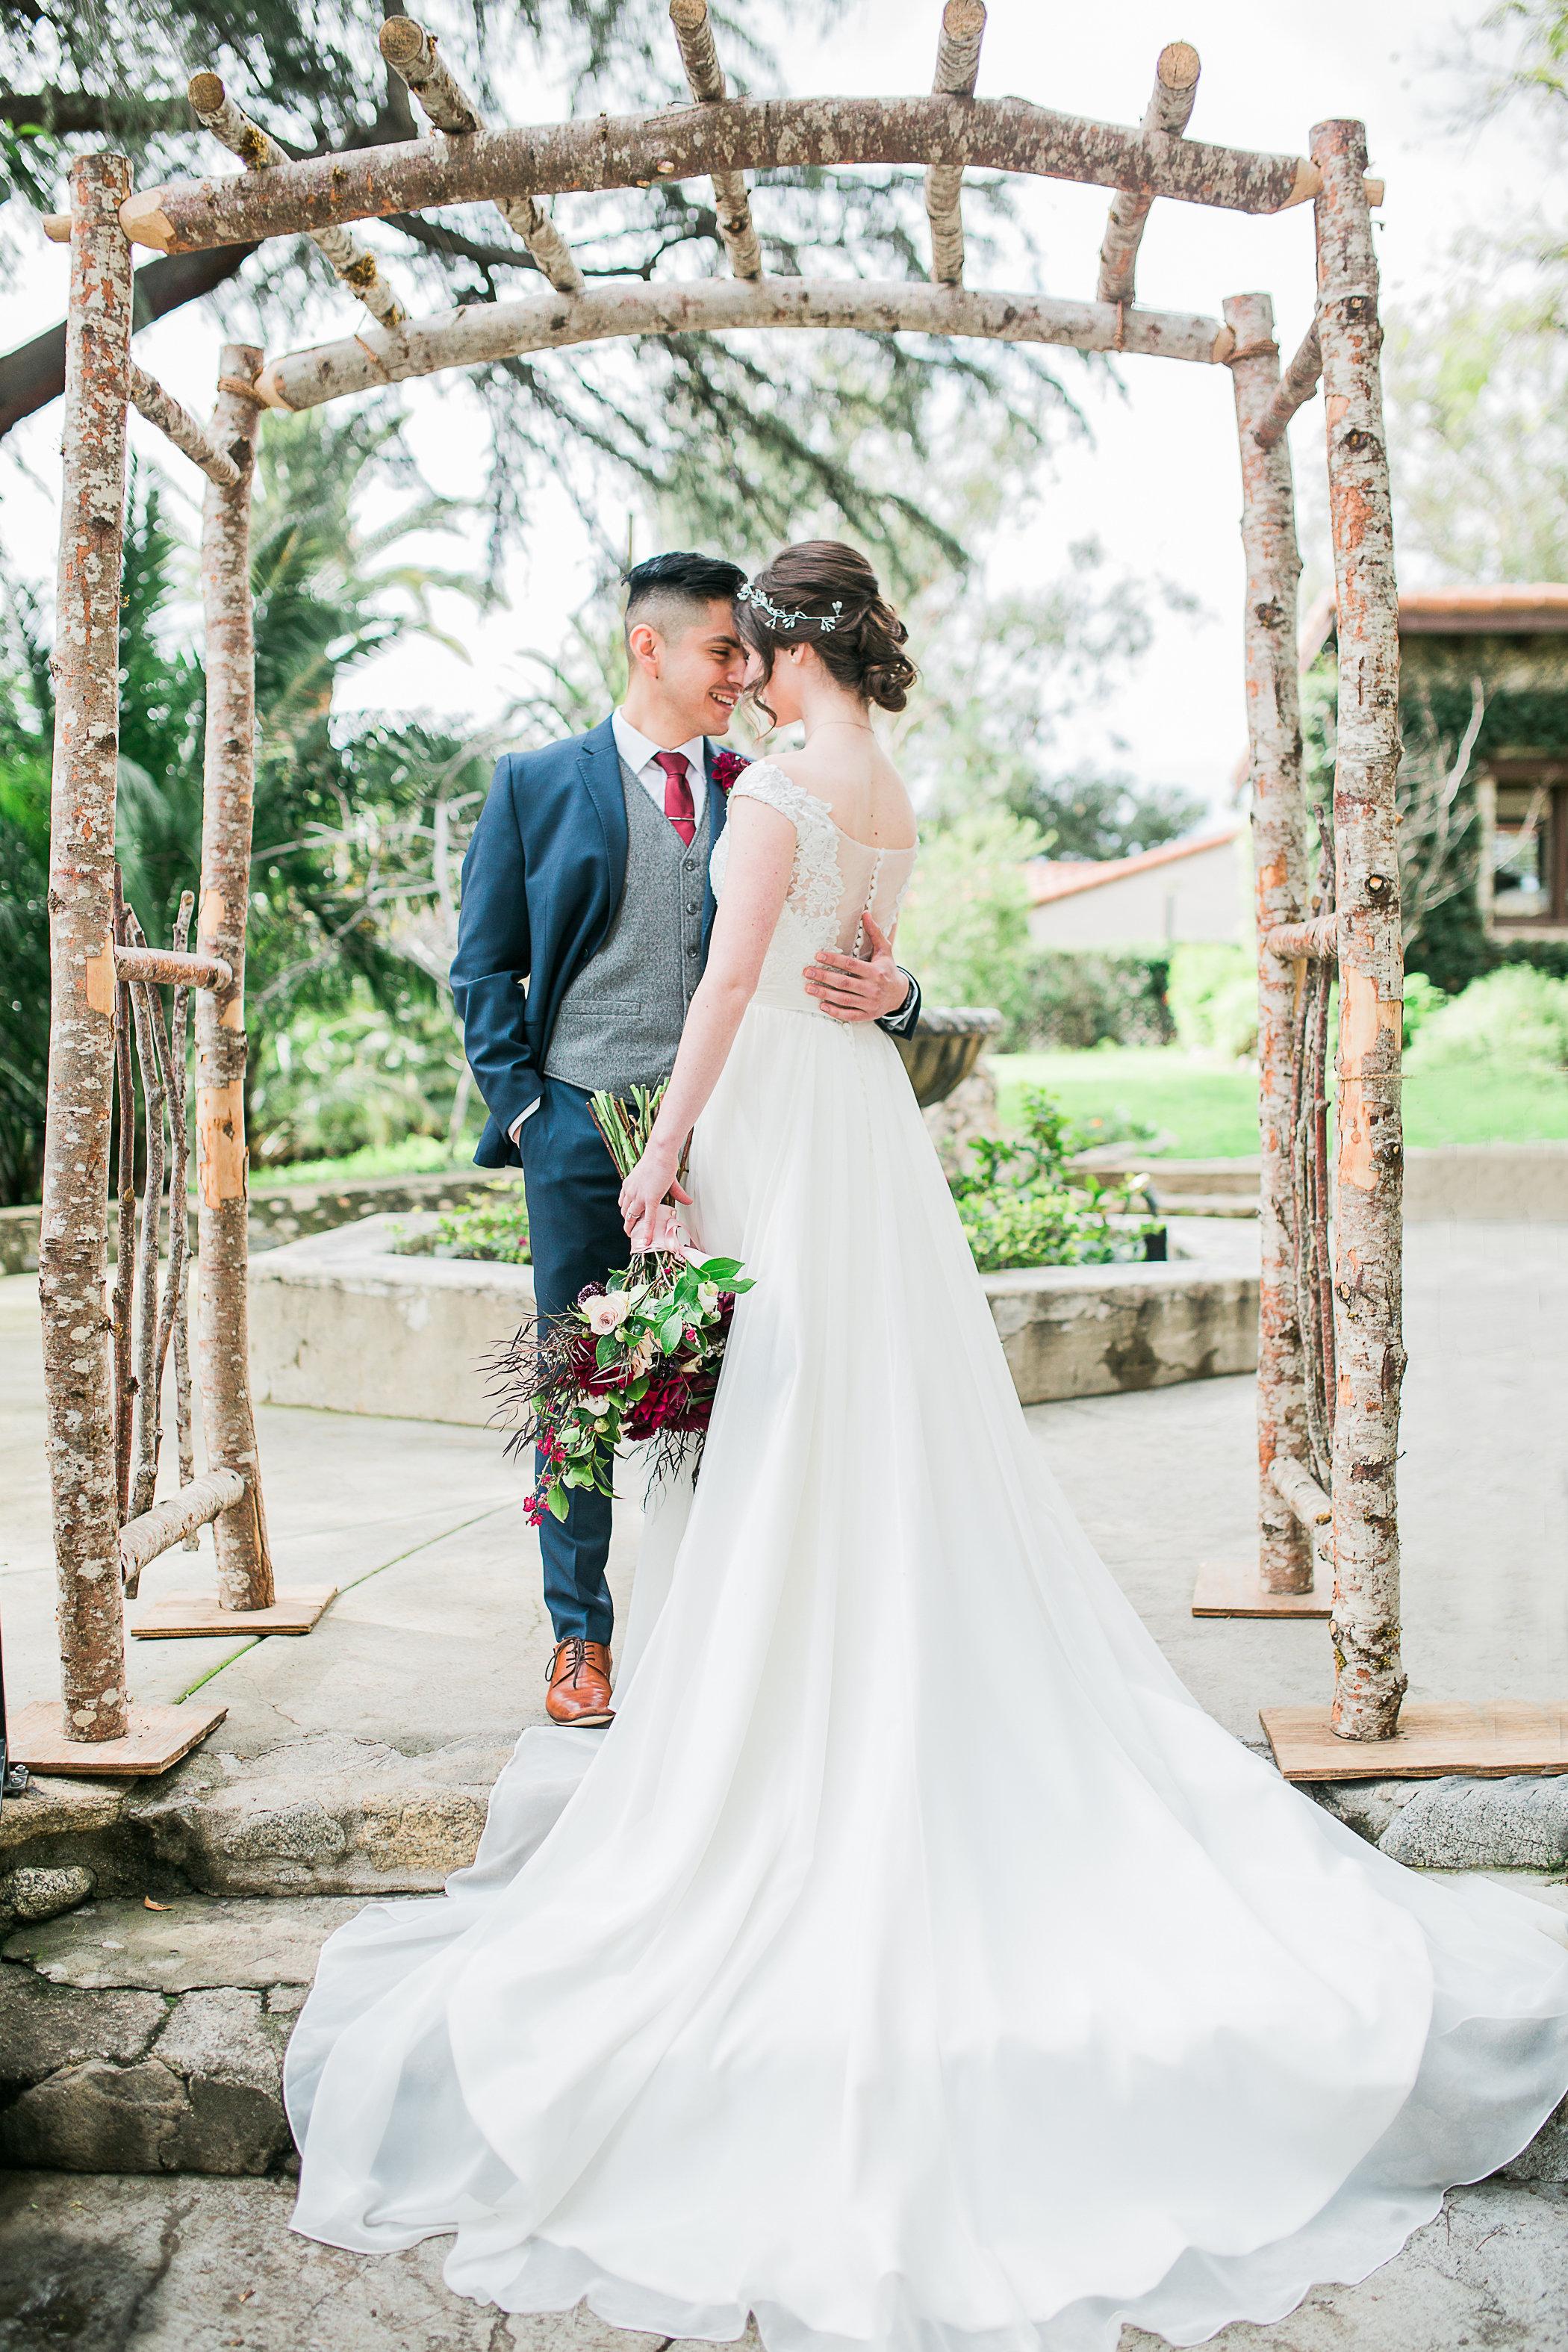 CUEVAS-WEDDING-SNEAK-PEEK-0035.jpg